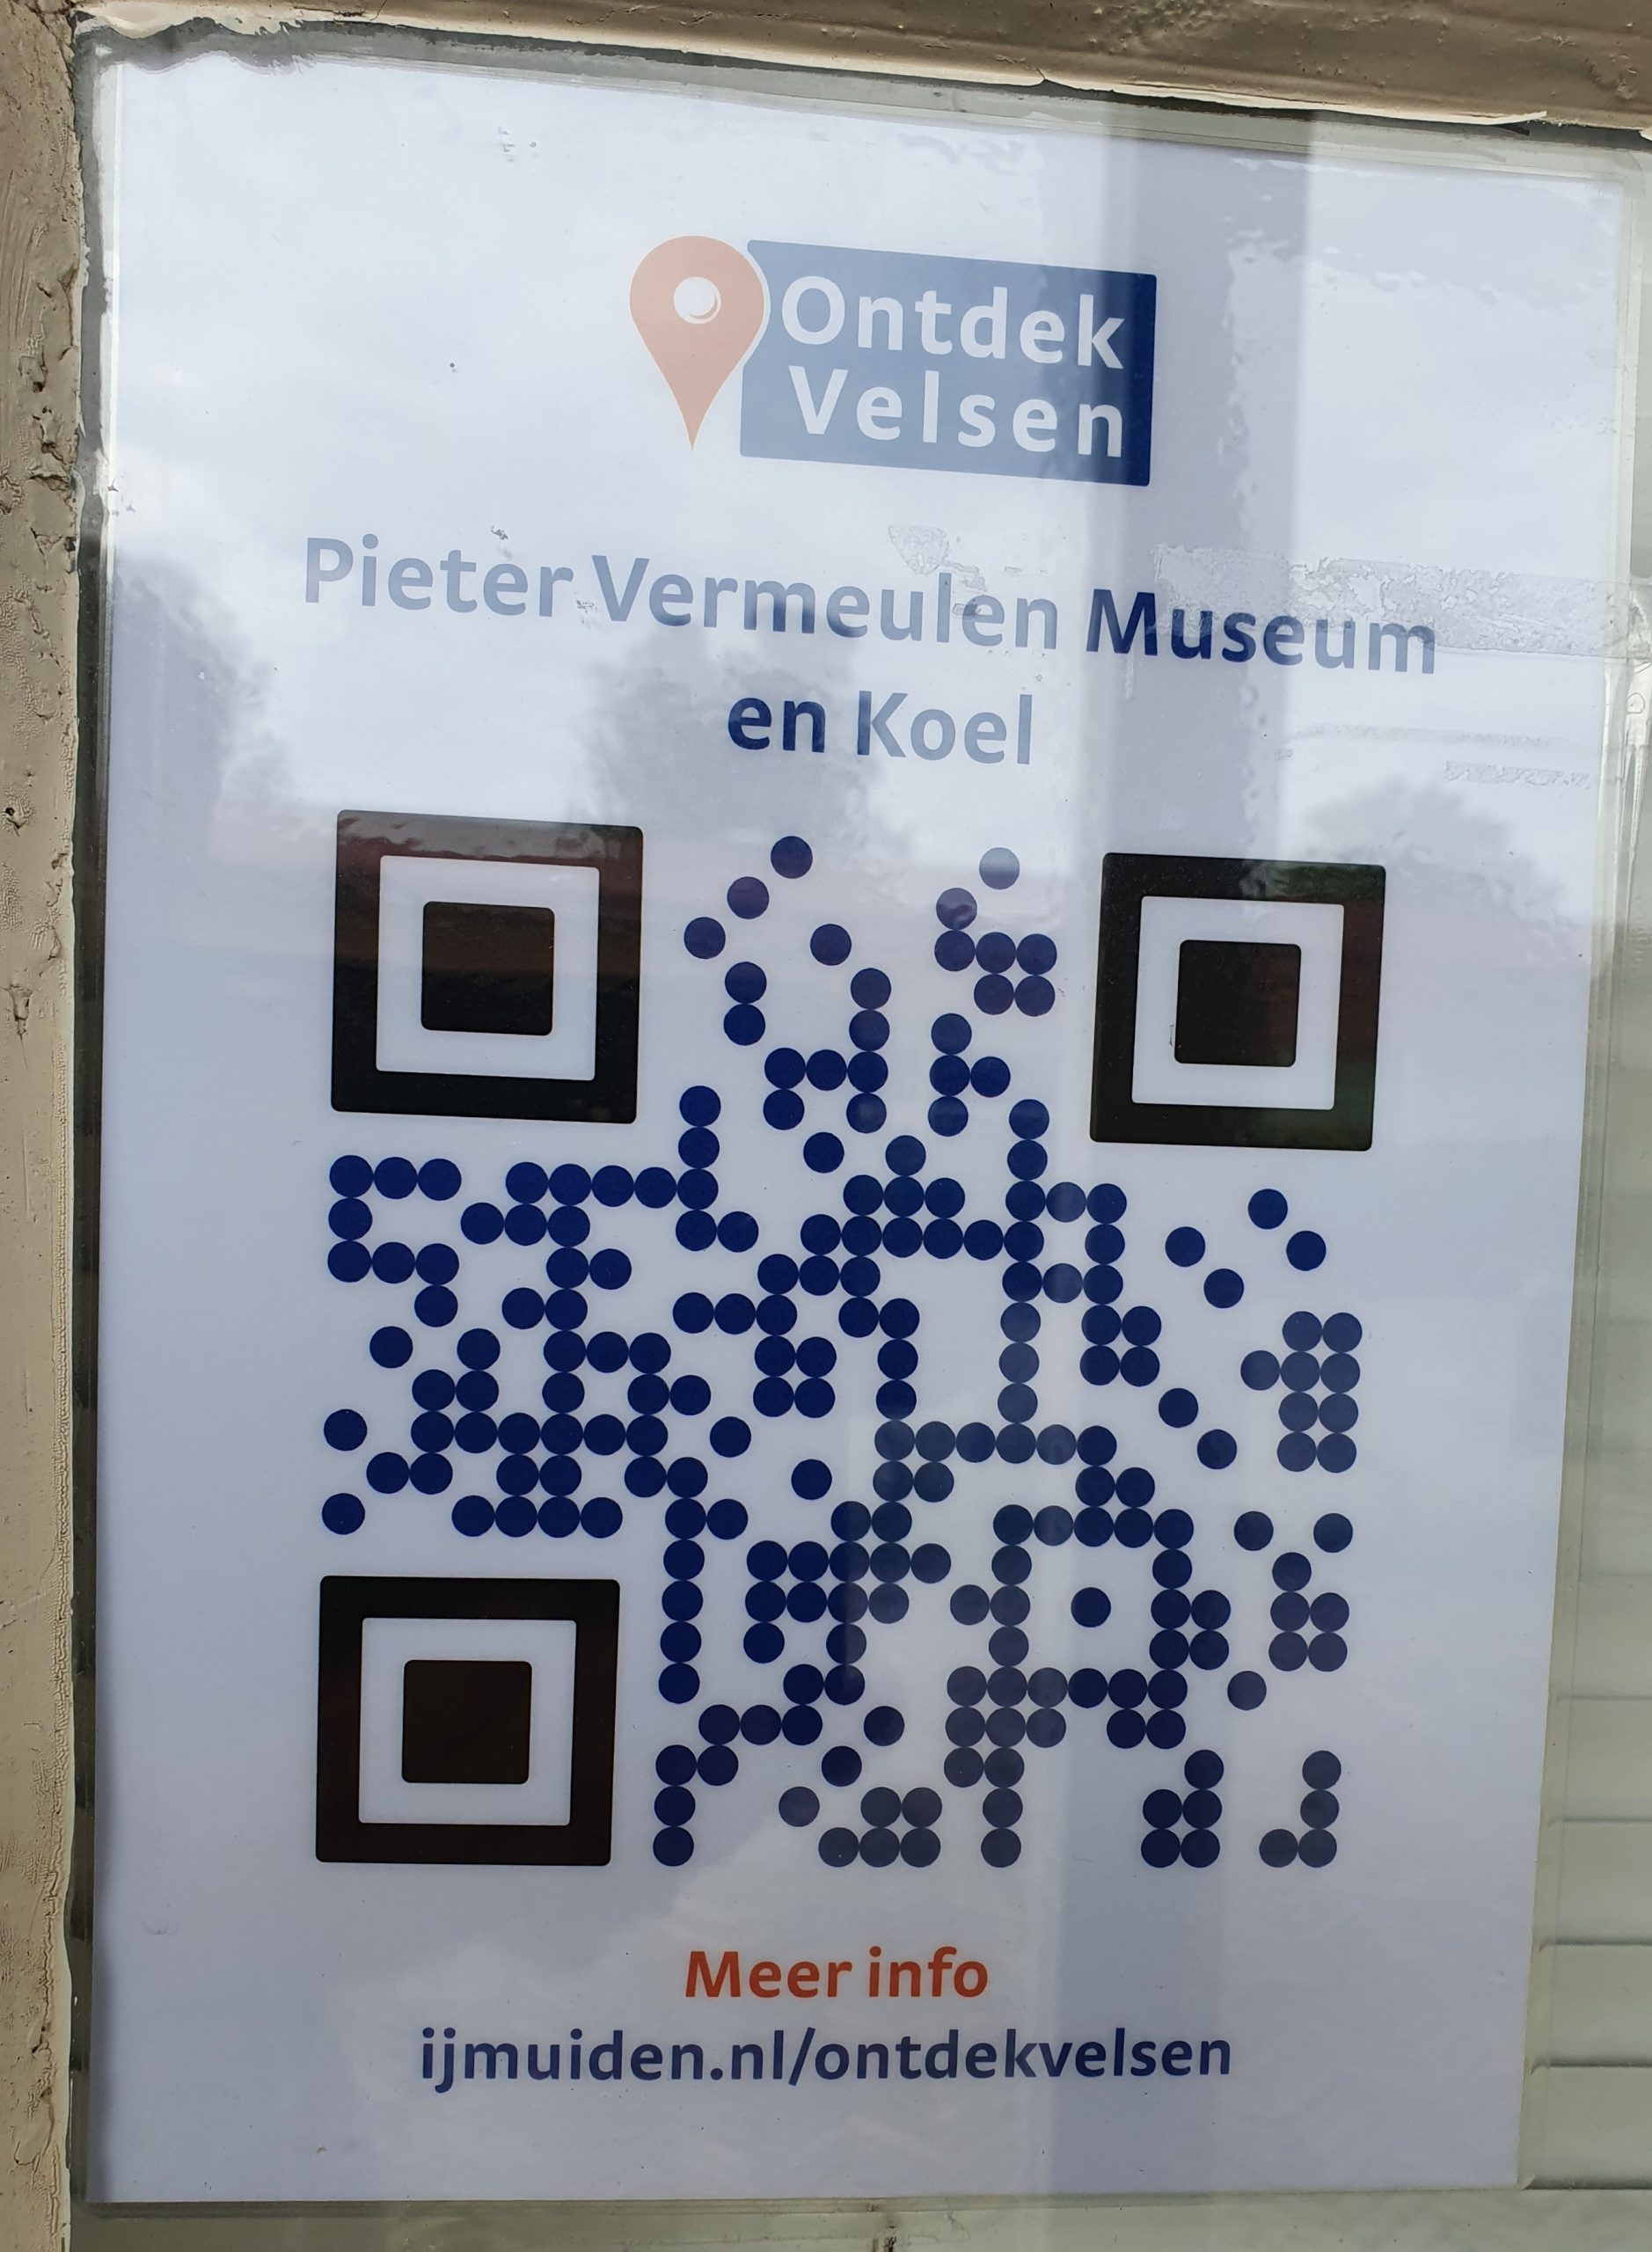 De QR code Pieter Vermeulen Museum en Koel